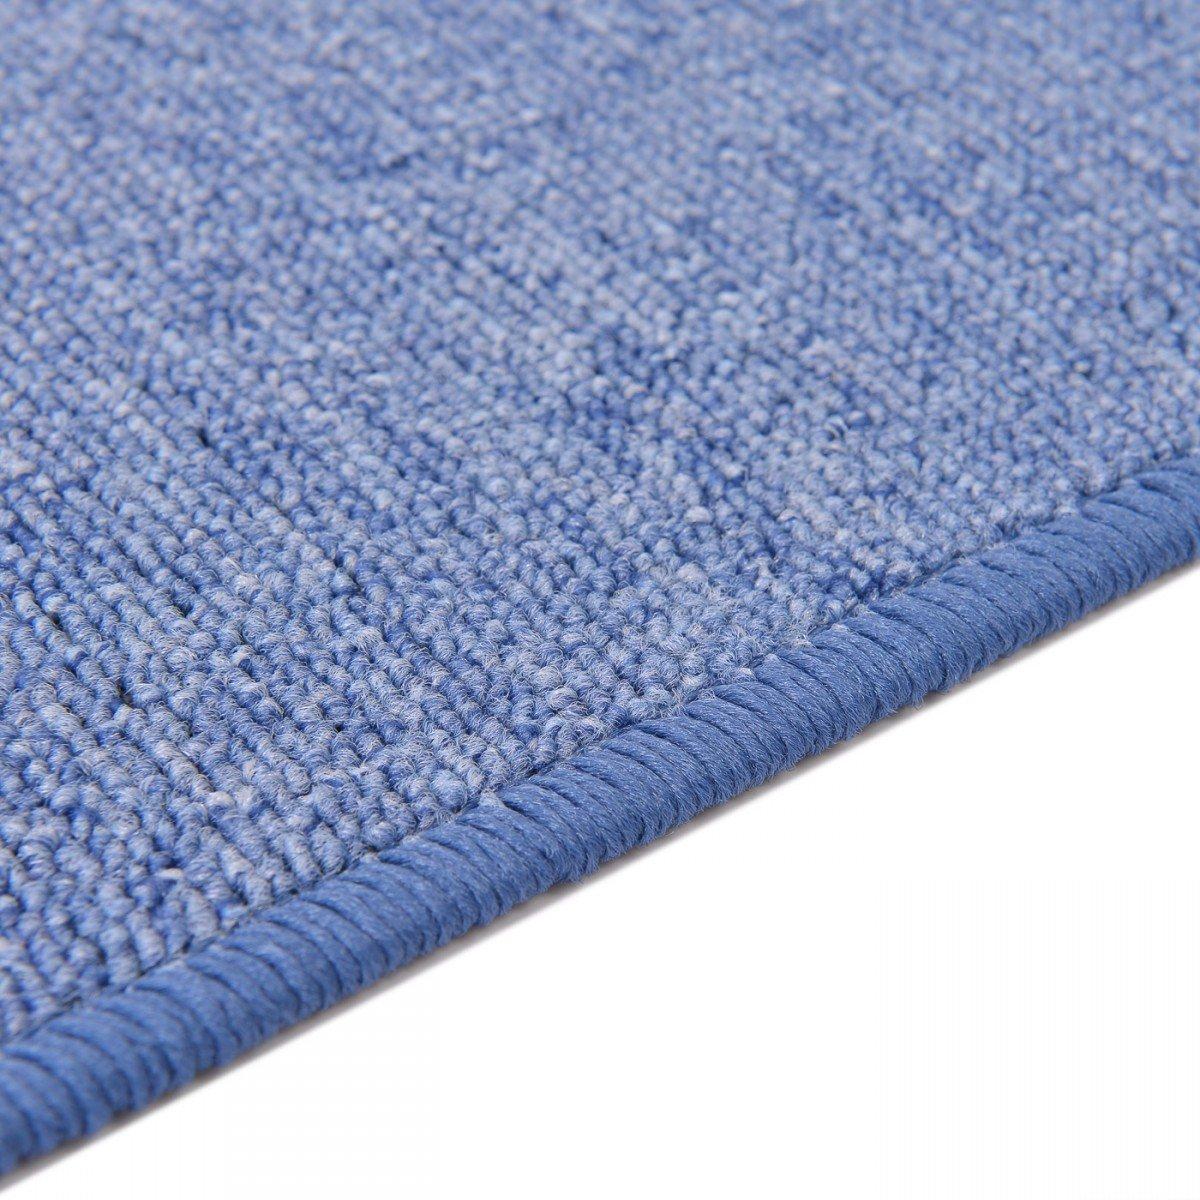 Havatex Schlingen Teppich Läufer Torronto - Prüfsiegel  Blauer Blauer Blauer Engel   schadstoffgeprüft und pflegeleicht   robust strapazierfähig   Flur Diele Eingang Schlafzimmer, Farbe Cognac, Größe 80 x 350 cm f7409a